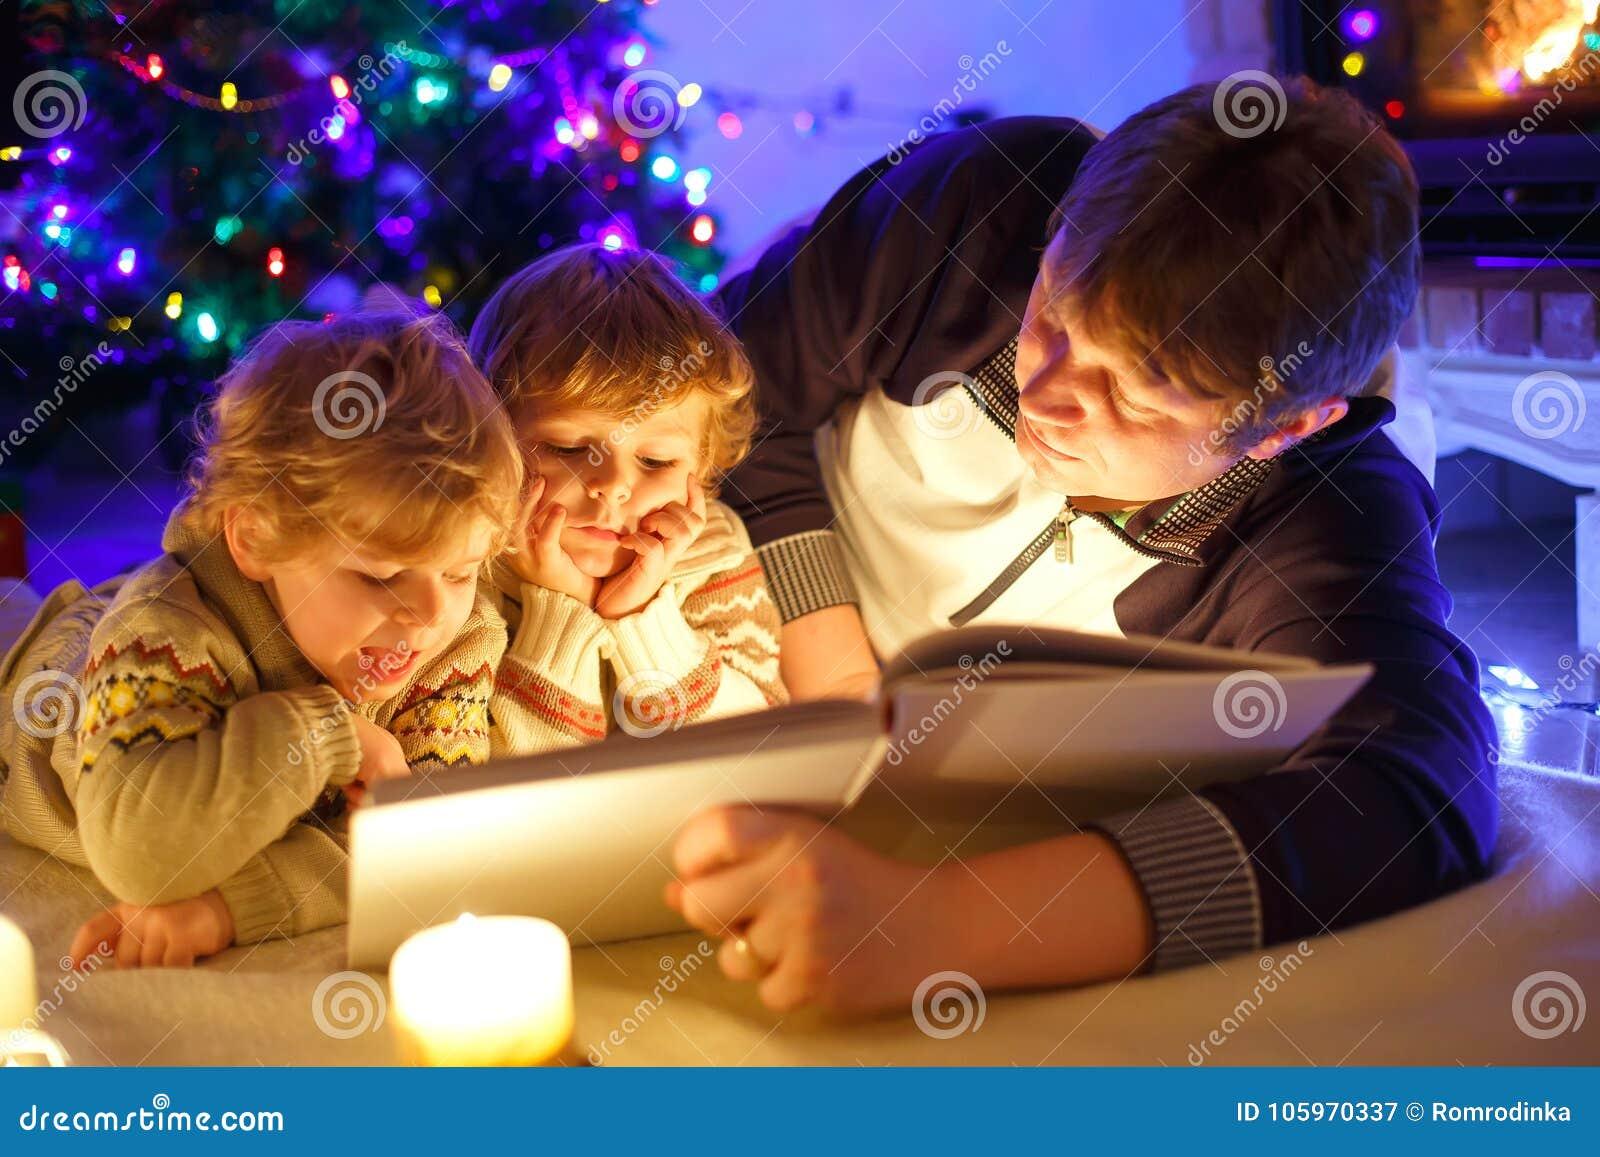 bringen sie und buch mit zwei kleines kleinkindjungen lesedurch kamin kerzen und kamin hervor. Black Bedroom Furniture Sets. Home Design Ideas